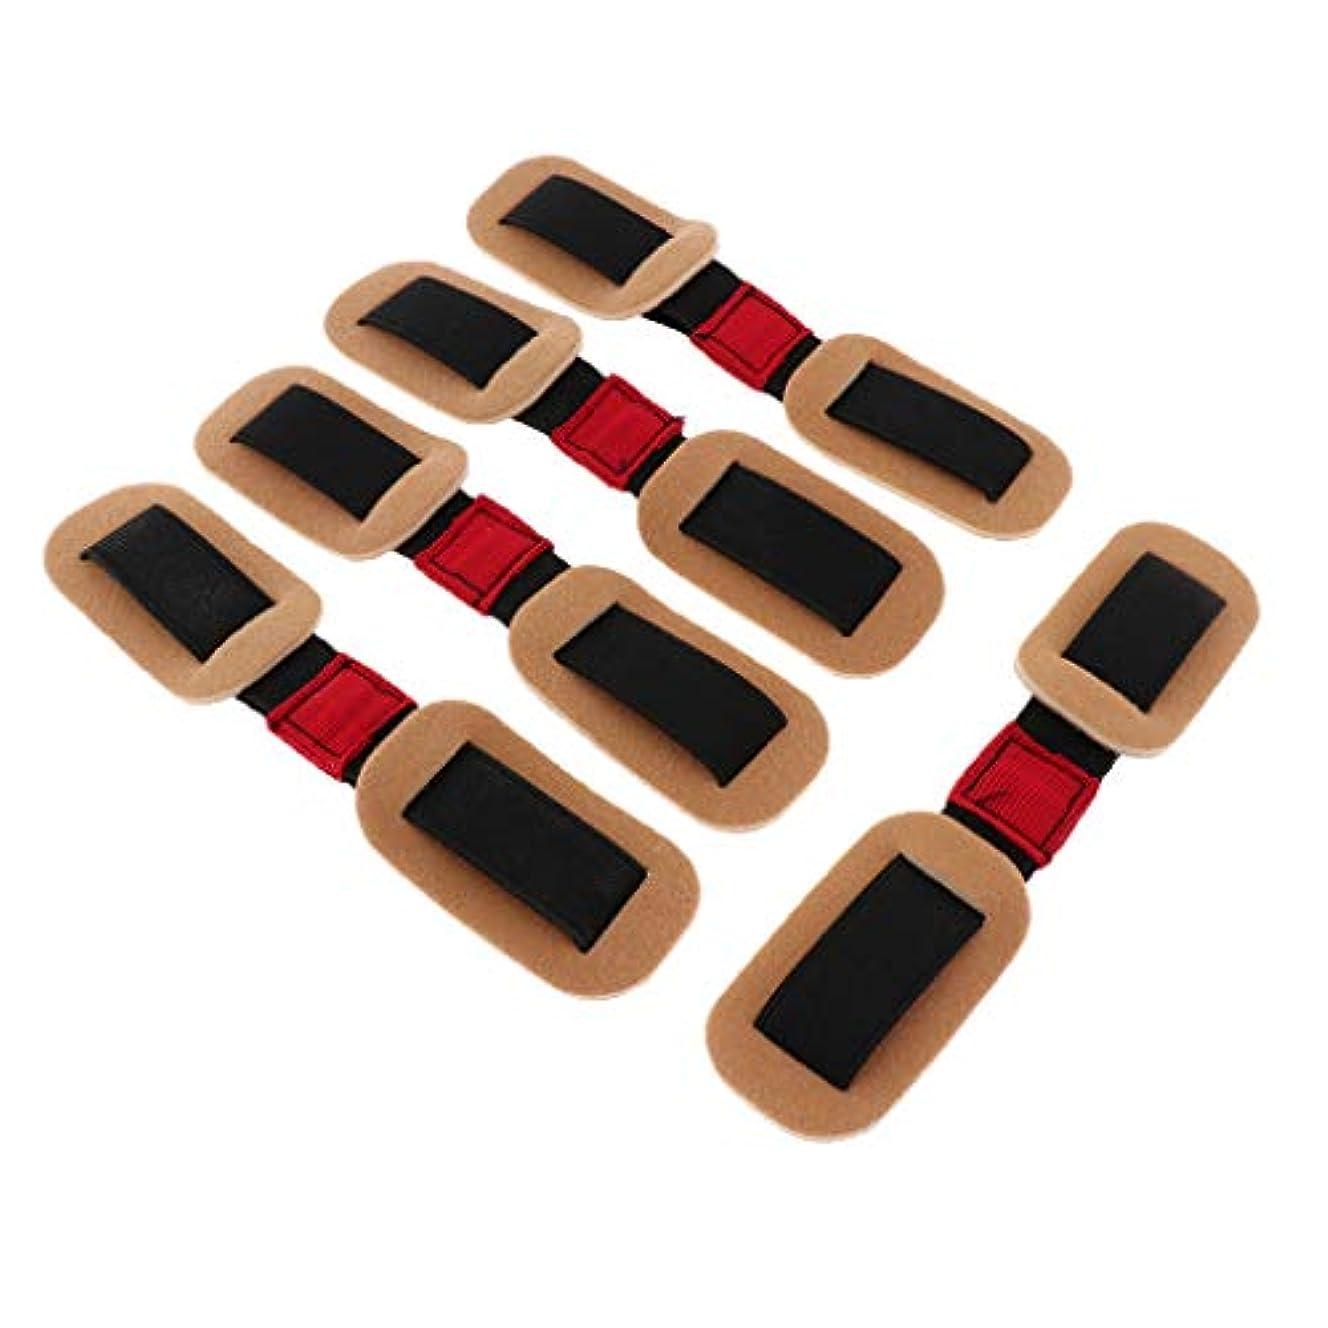 ボタン模倣矢外反母趾サポーター 親指矯正バンド ストラップ トレーニング 柔軟性 耐久性 5個入